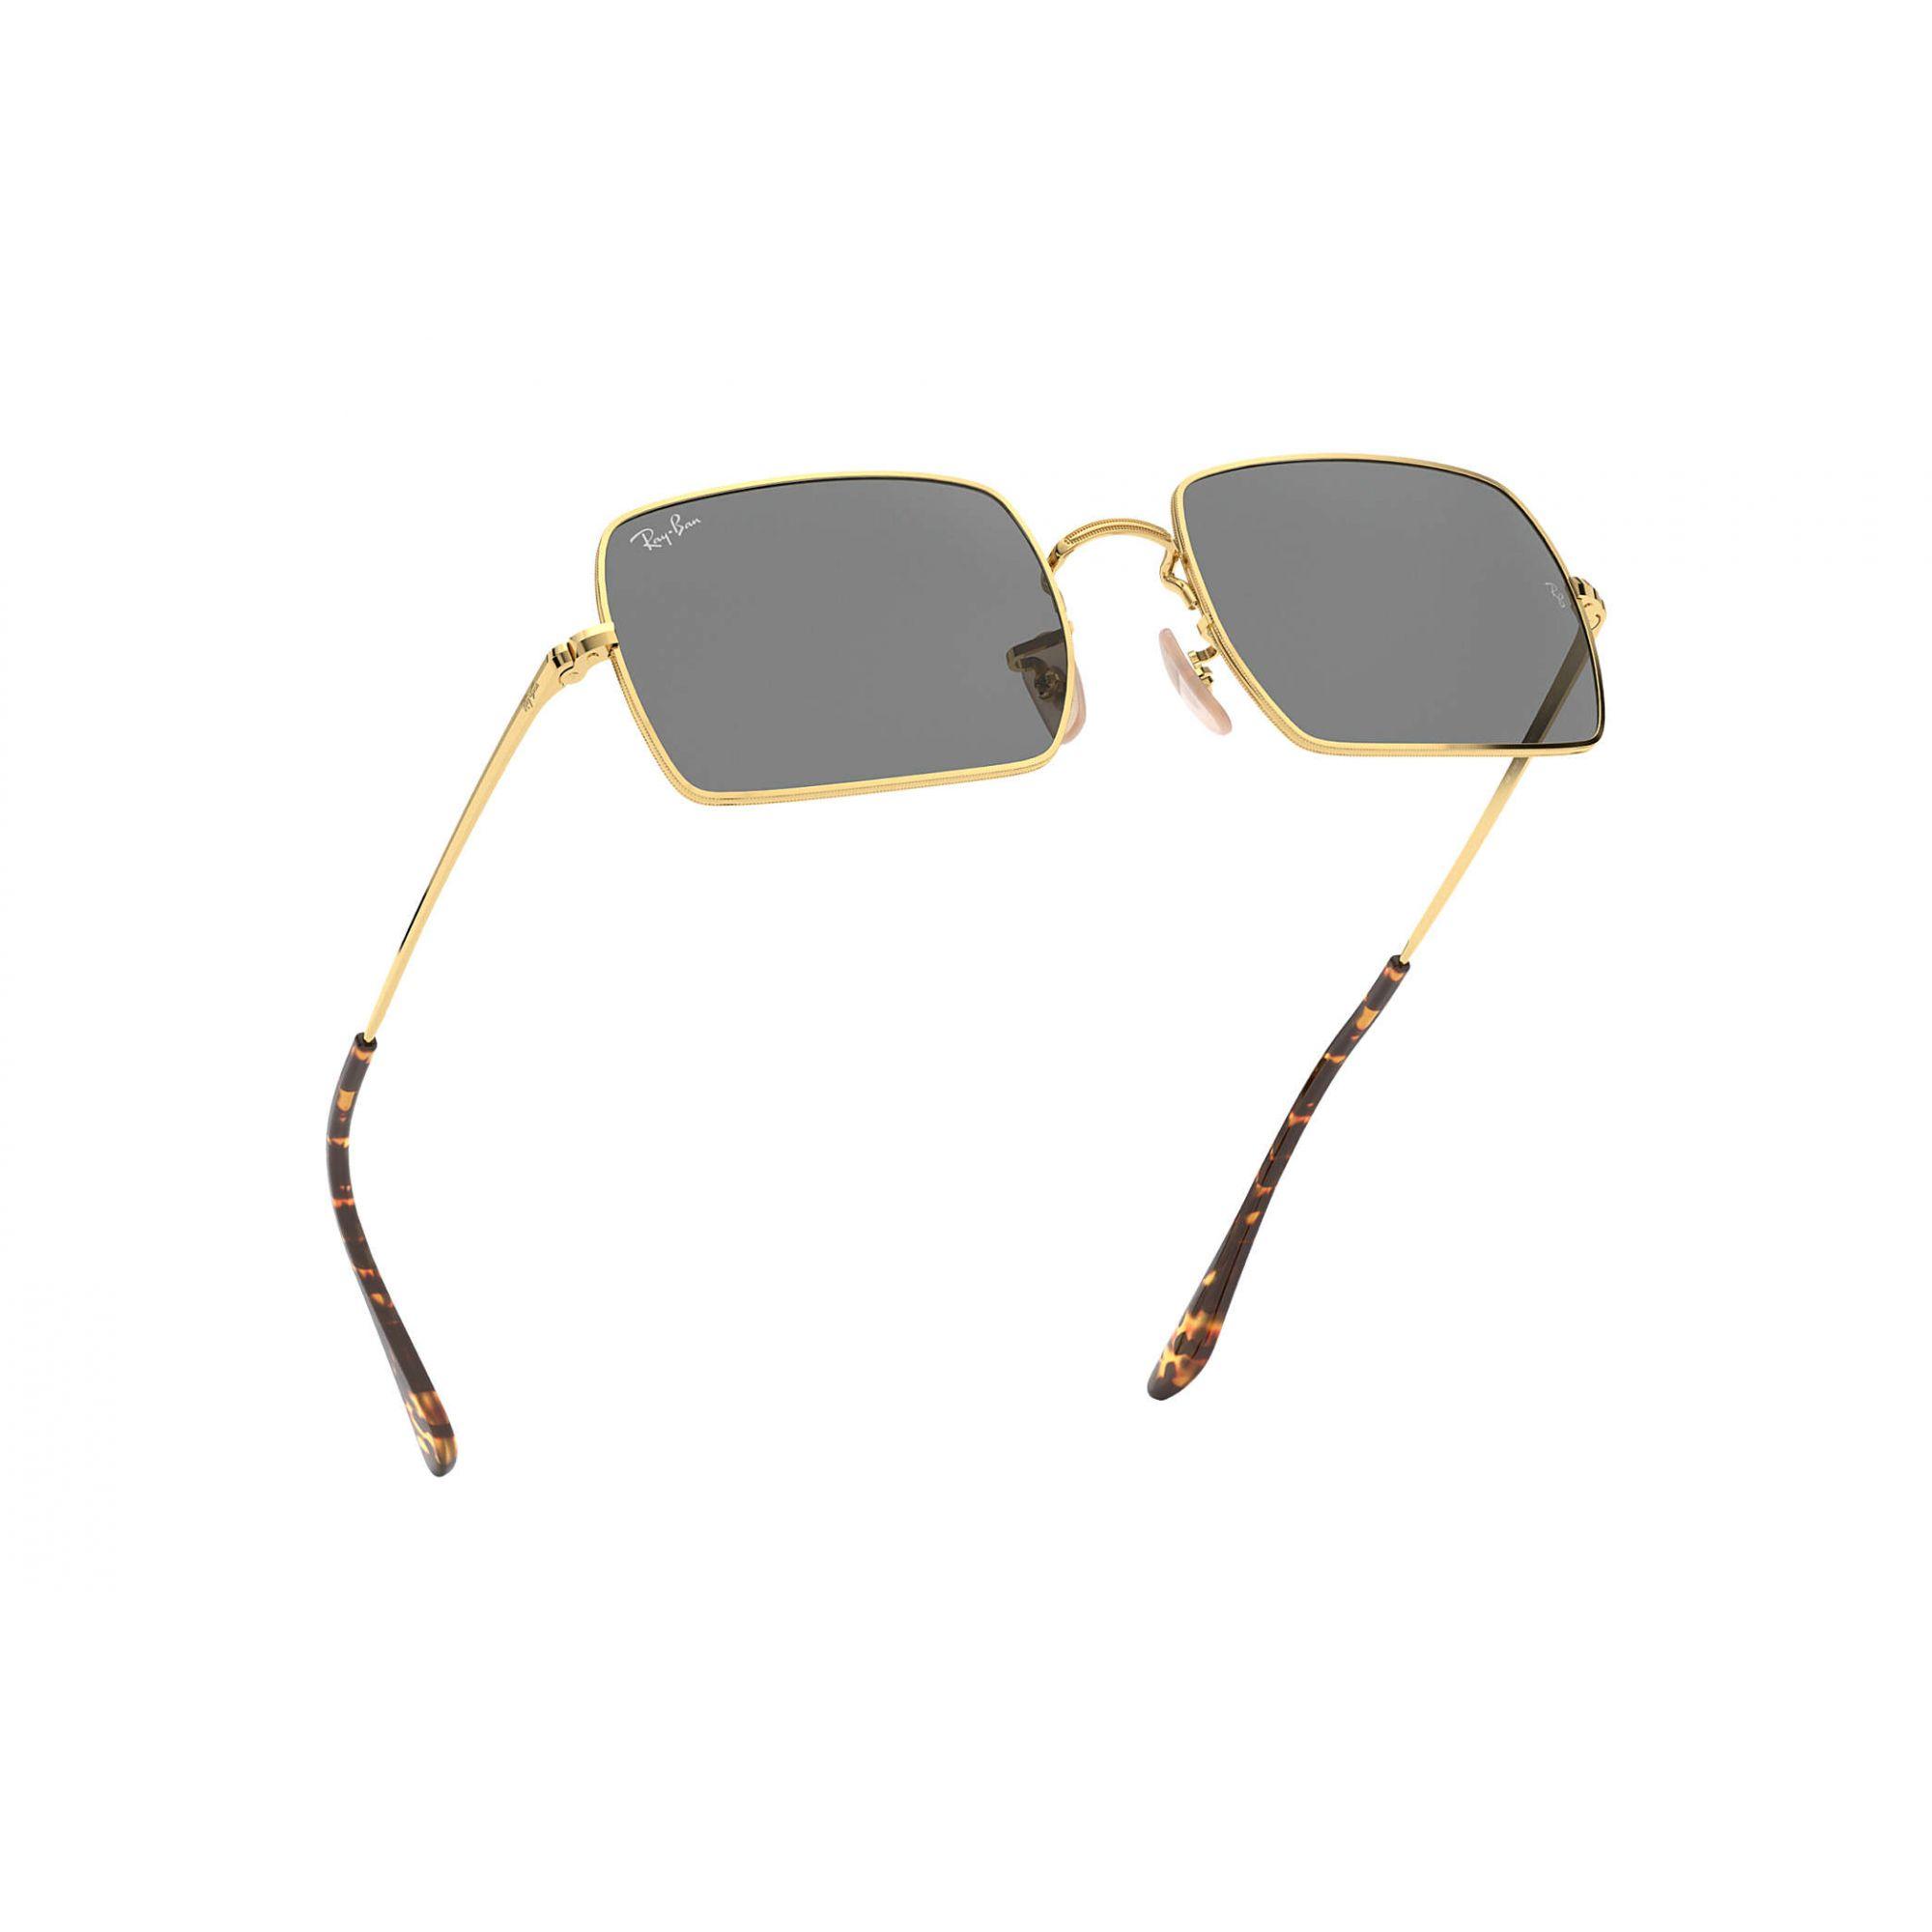 Ray Ban - RB3584N 00119 - Óculos de sol